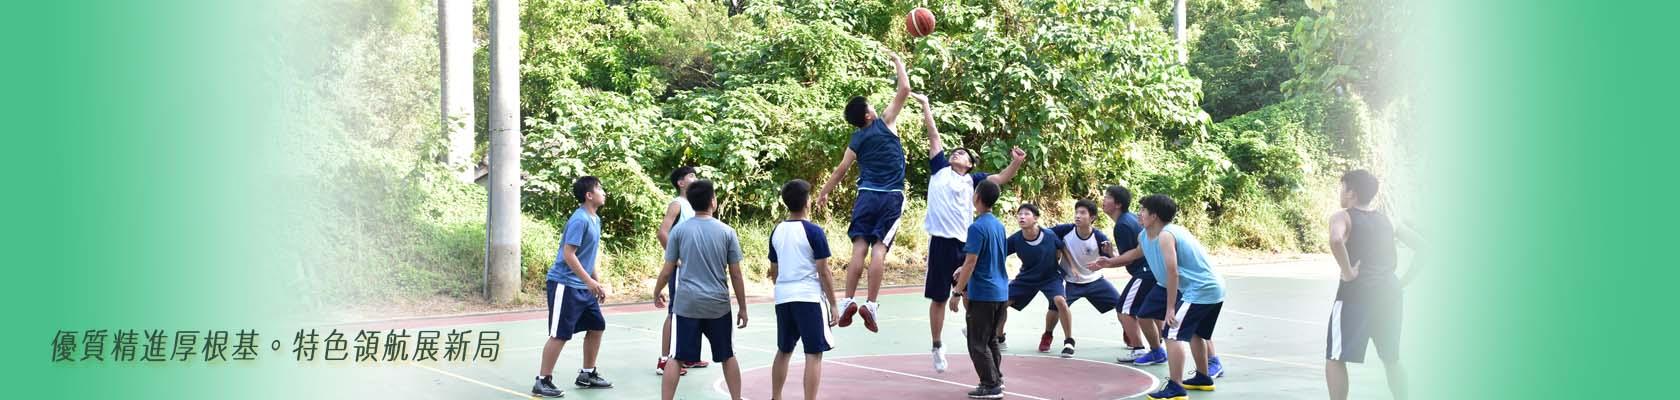 籃球隊訓練-團隊攻防練習